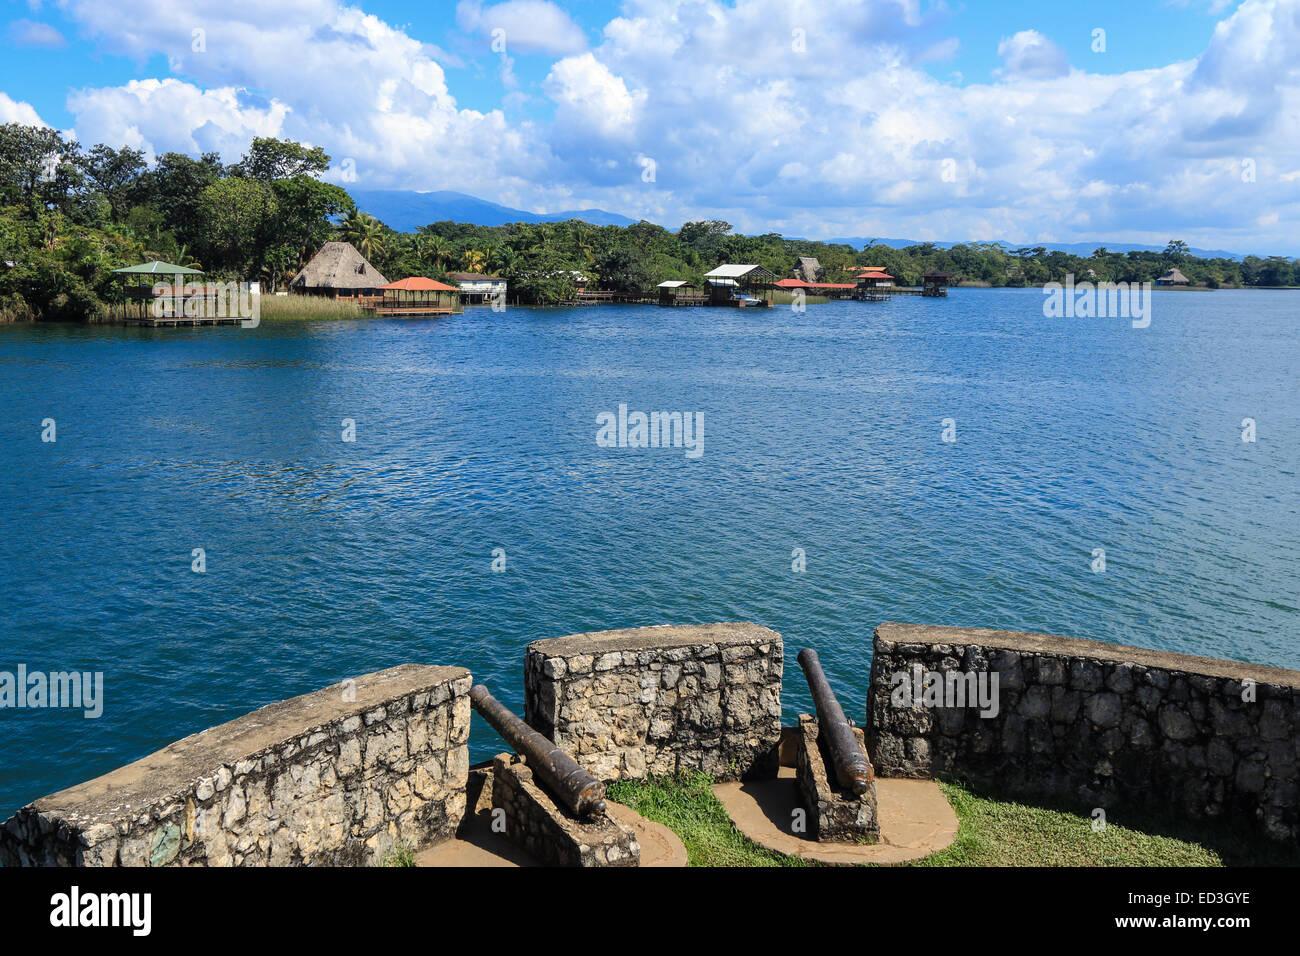 View from Castillo de San Felipe de Lara, looking out over Lago Izabal. - Stock Image